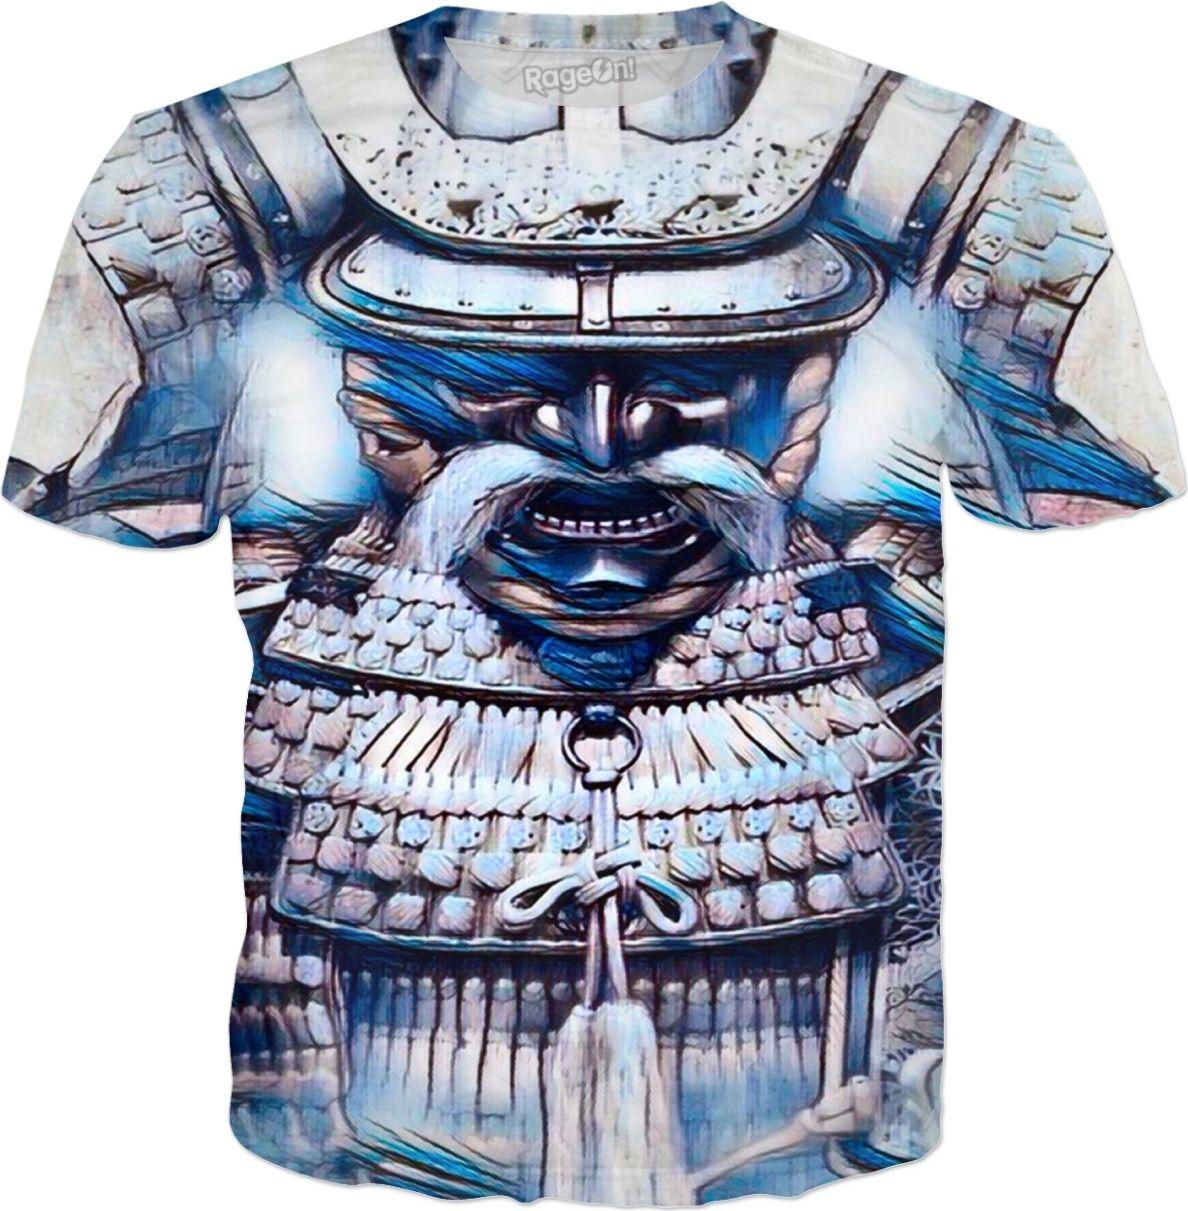 Ancient Samurai Warrior Spirit Gouache Art by Willy Badu.